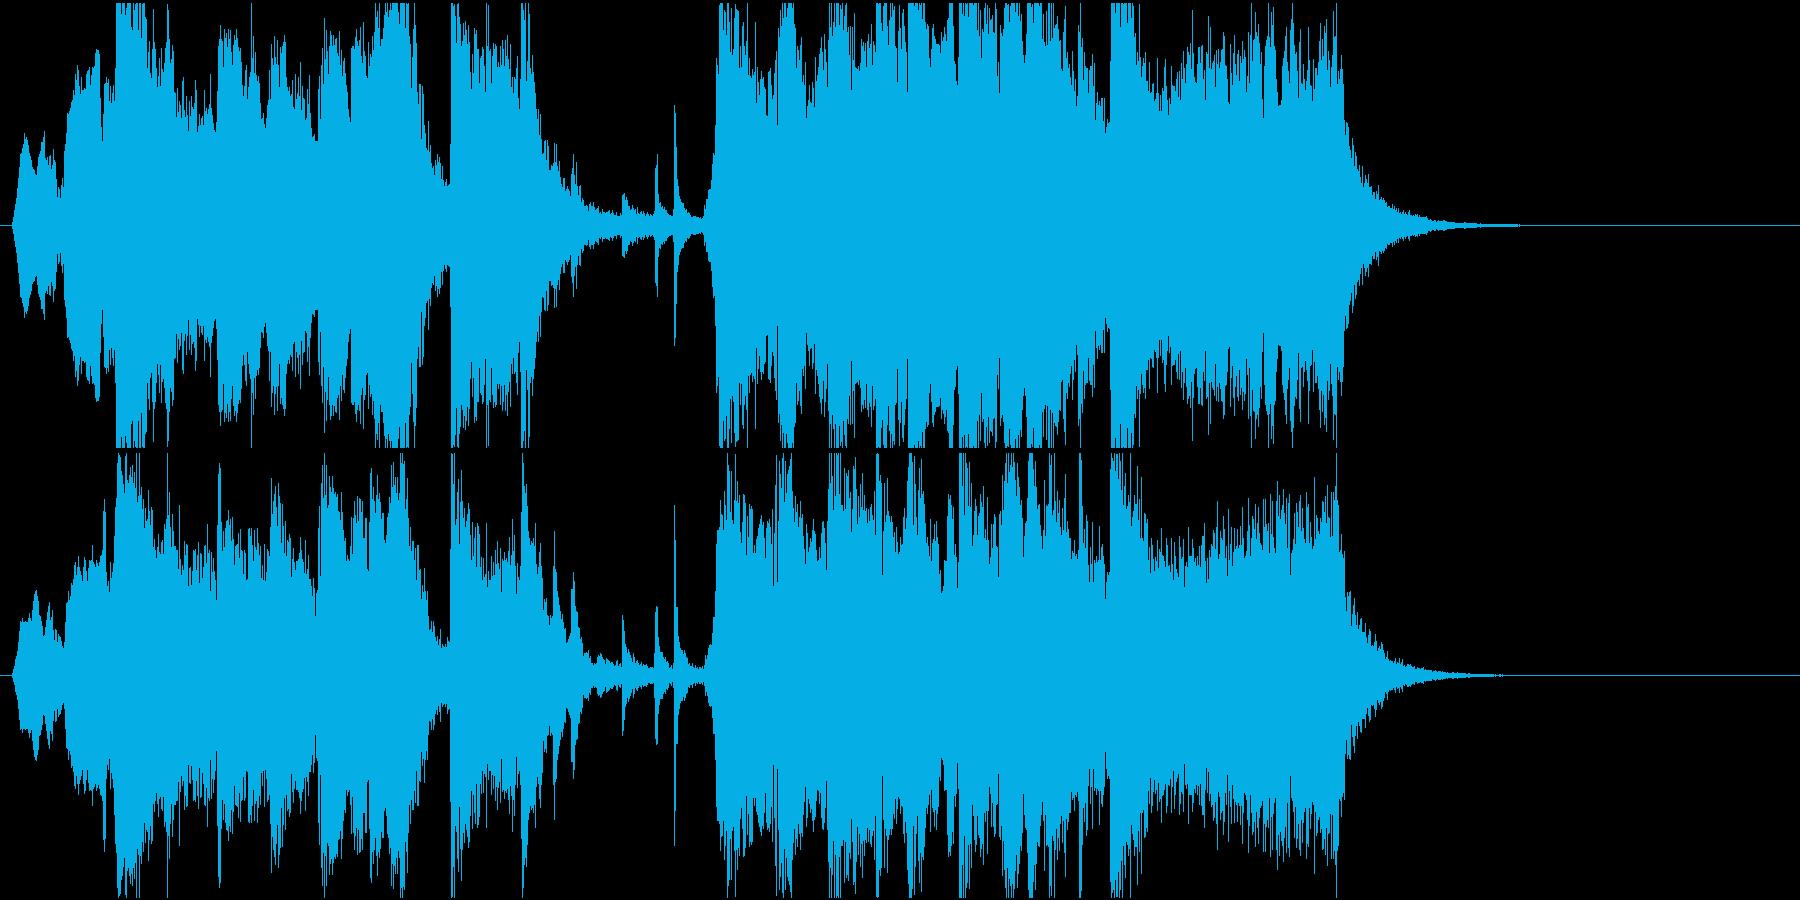 哀愁感じつつも上品さが少し漂うスイング2の再生済みの波形